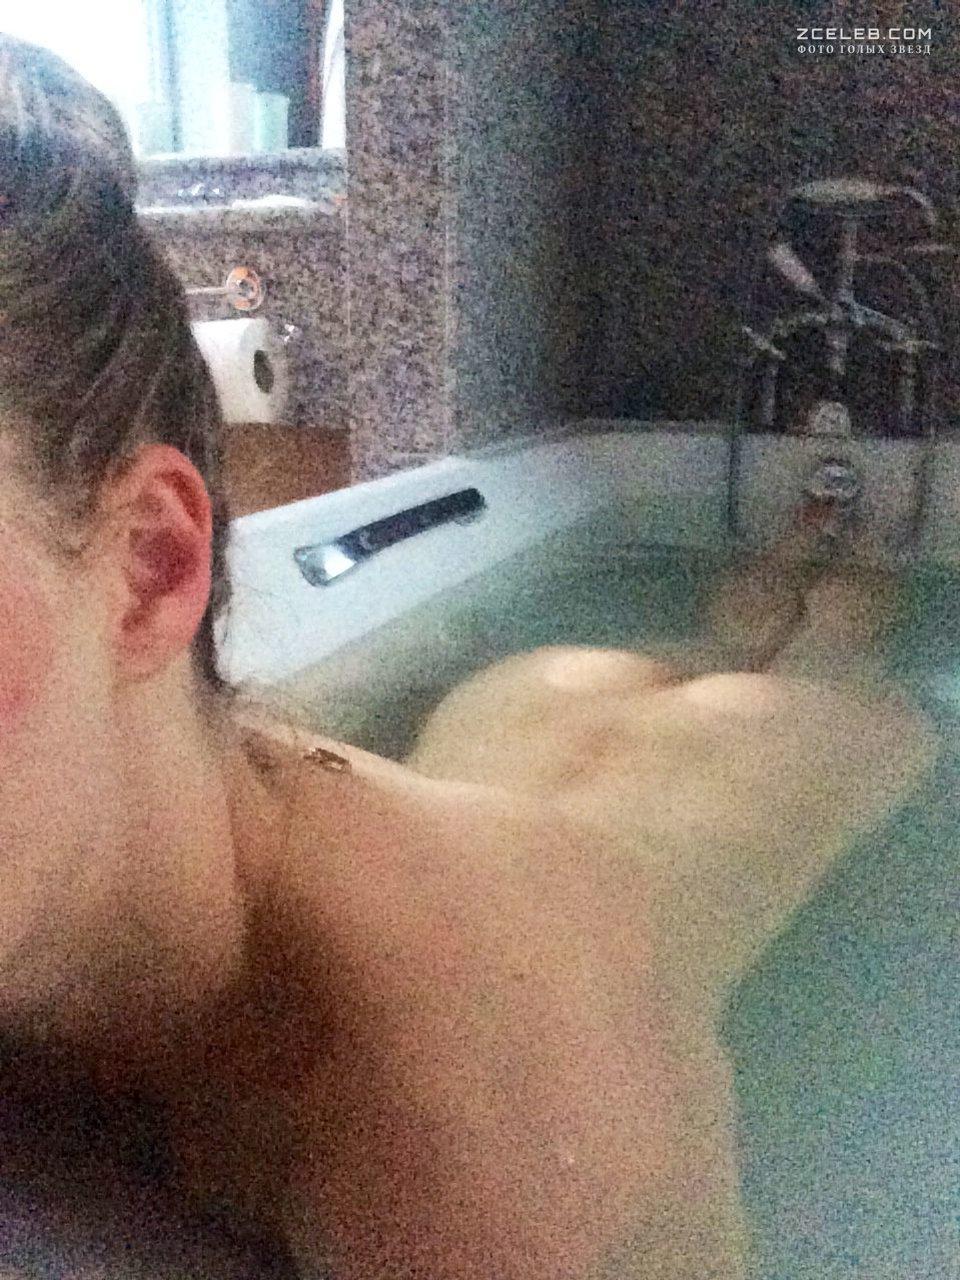 Селфи коллекция снимков семейного секса в ванной  471089